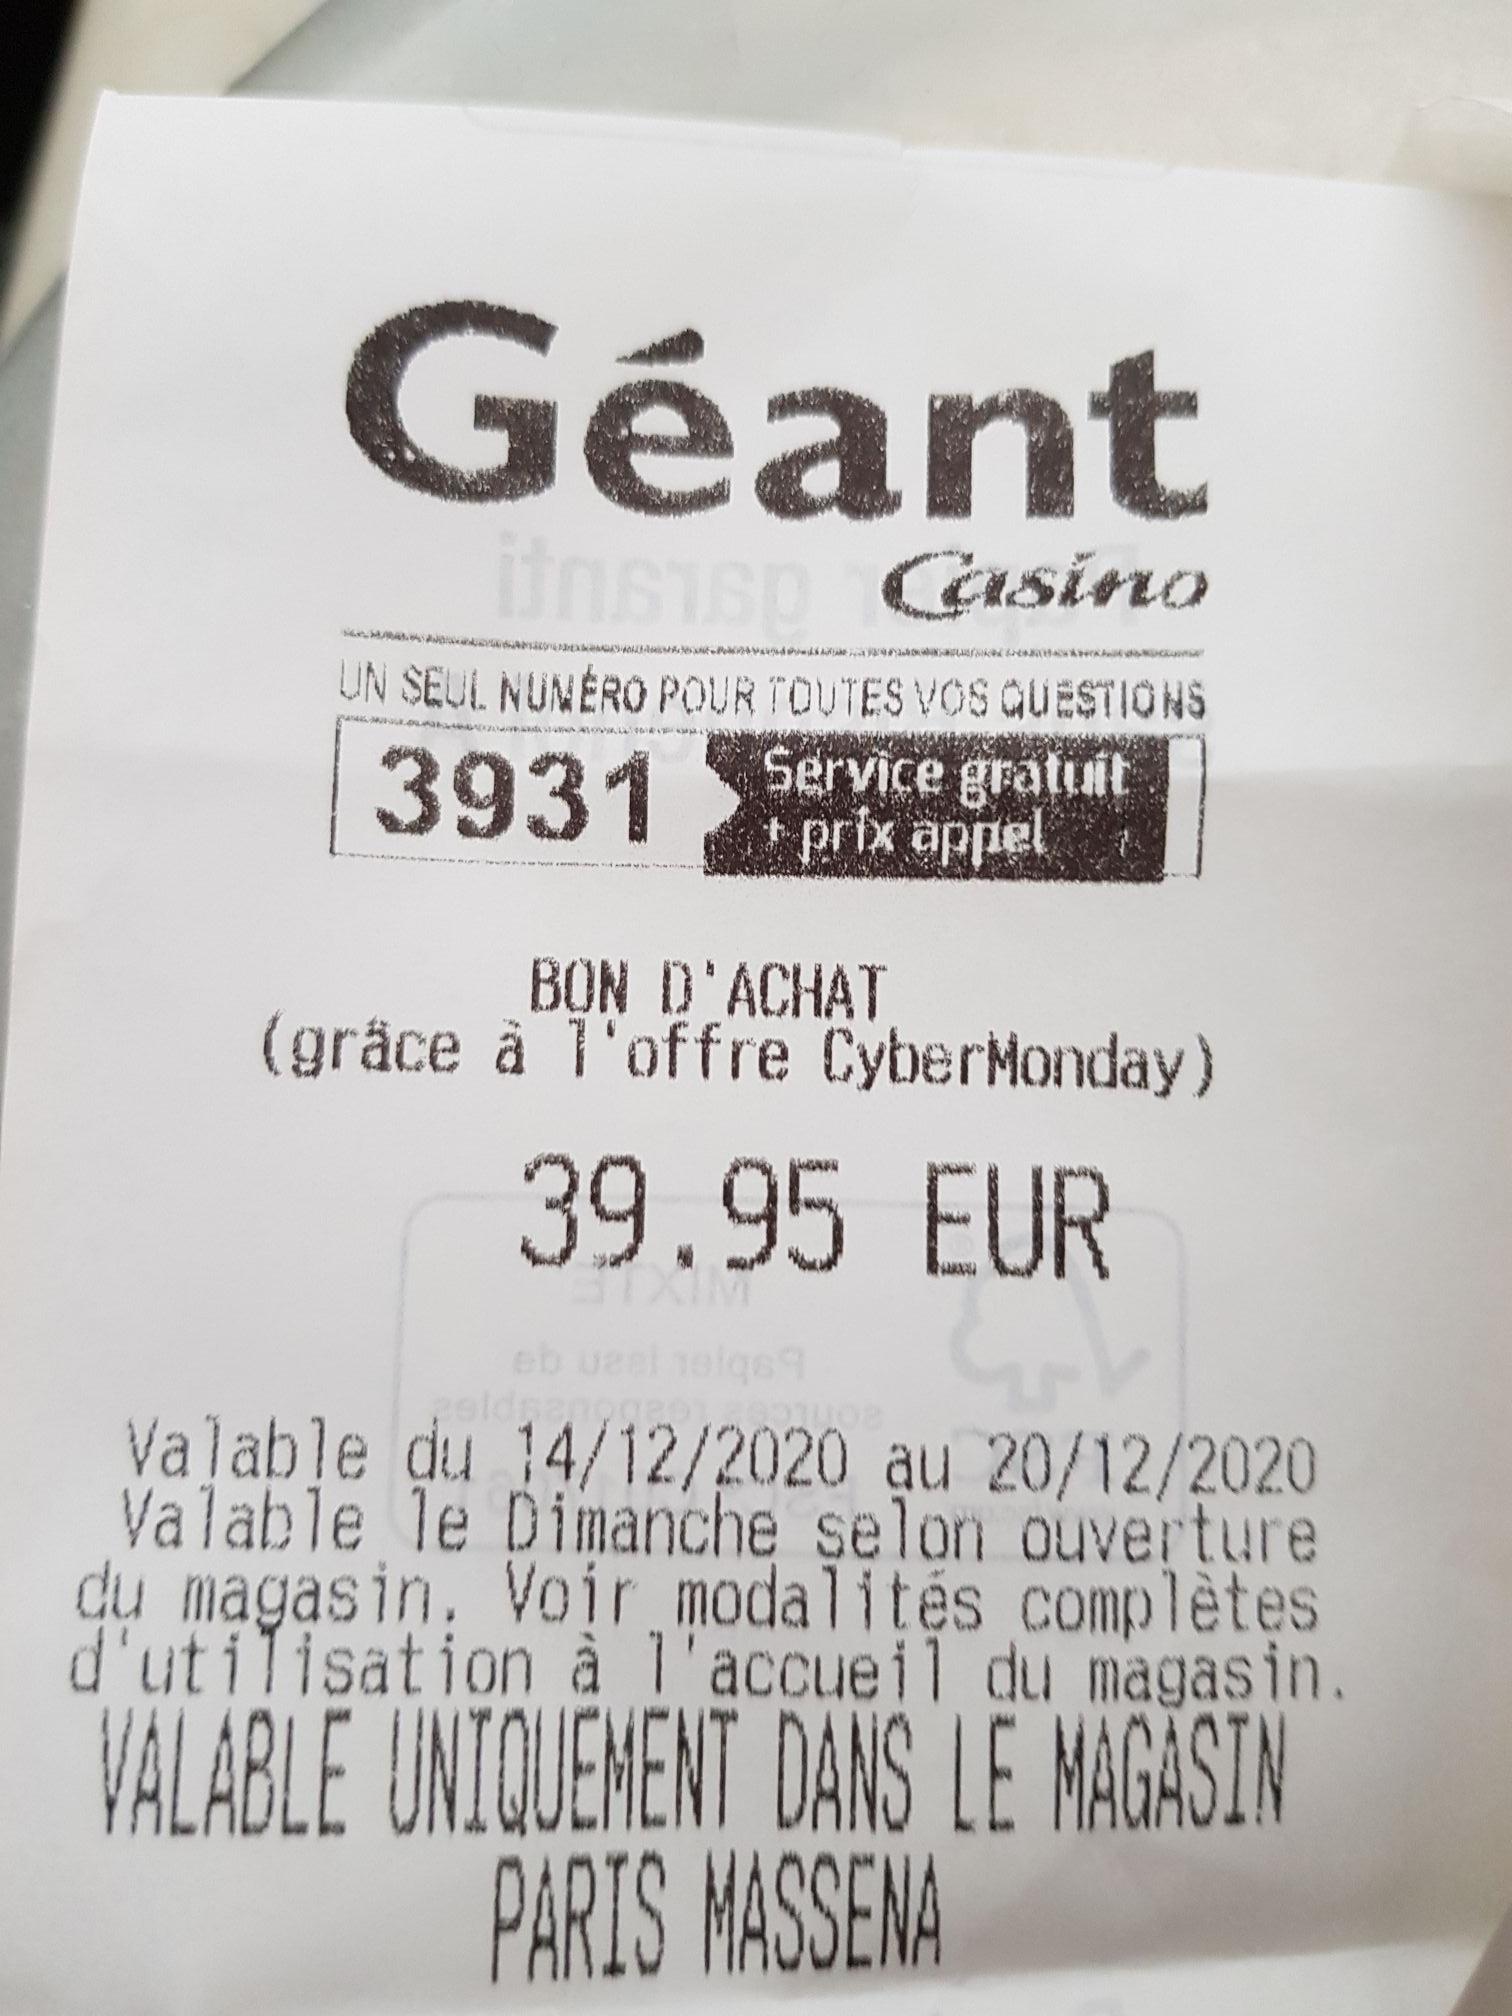 [Casino max ou Carte bancaire Casino] Enceinte JBL Flip essentiel (via 39.95€ en bon d'achat) - Paris (75)